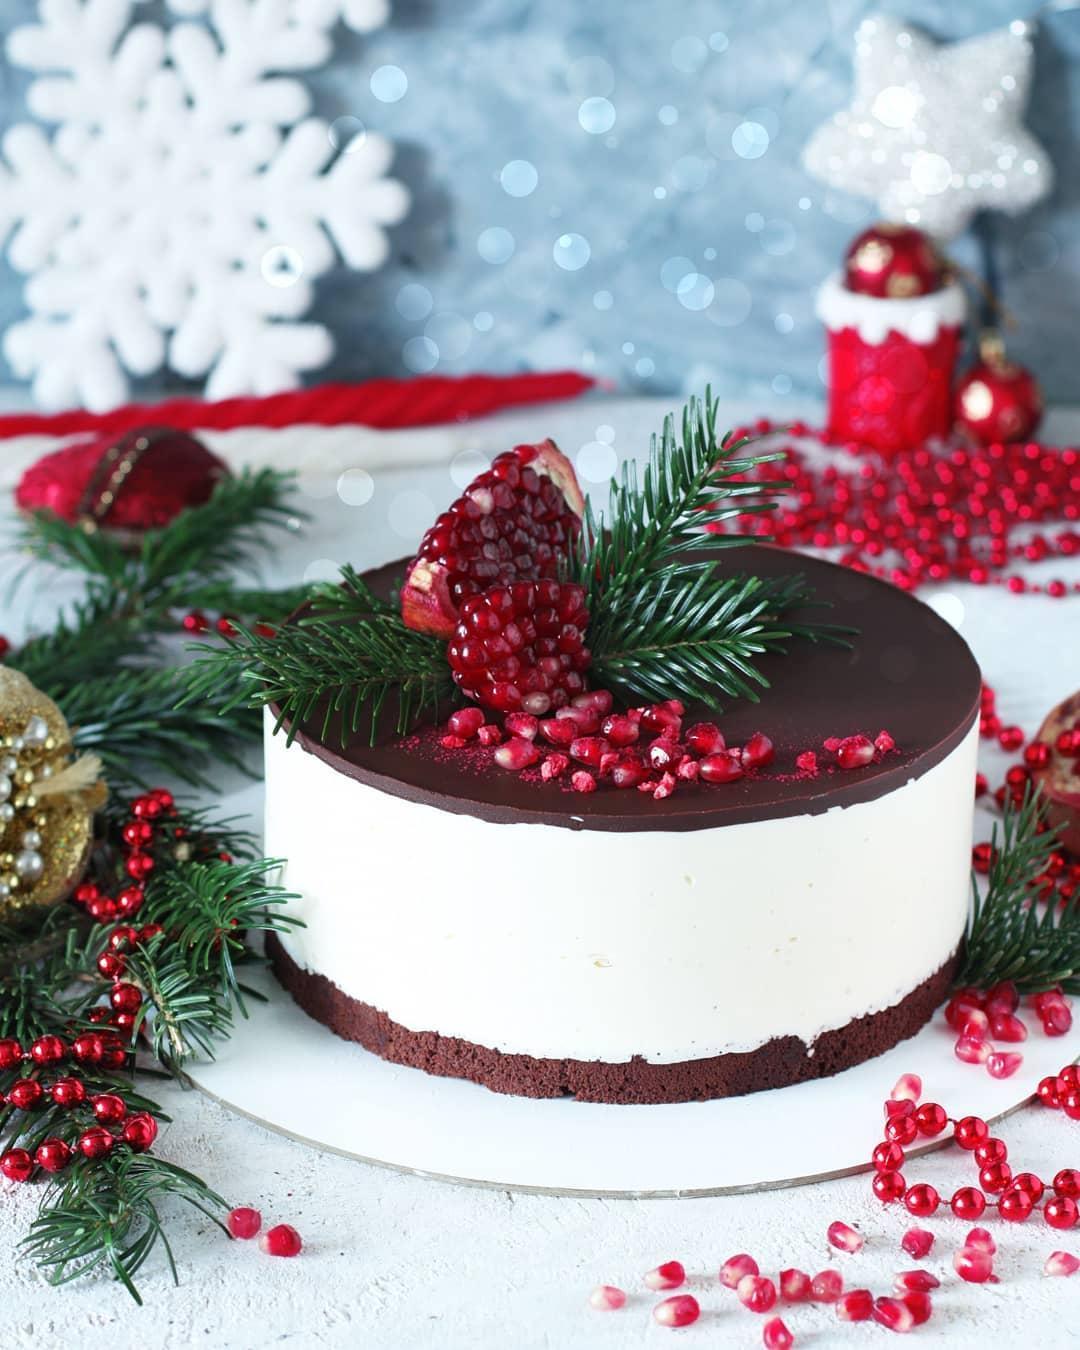 Это бомба! Готовим торт «Птичье молоко» к новогоднему столу